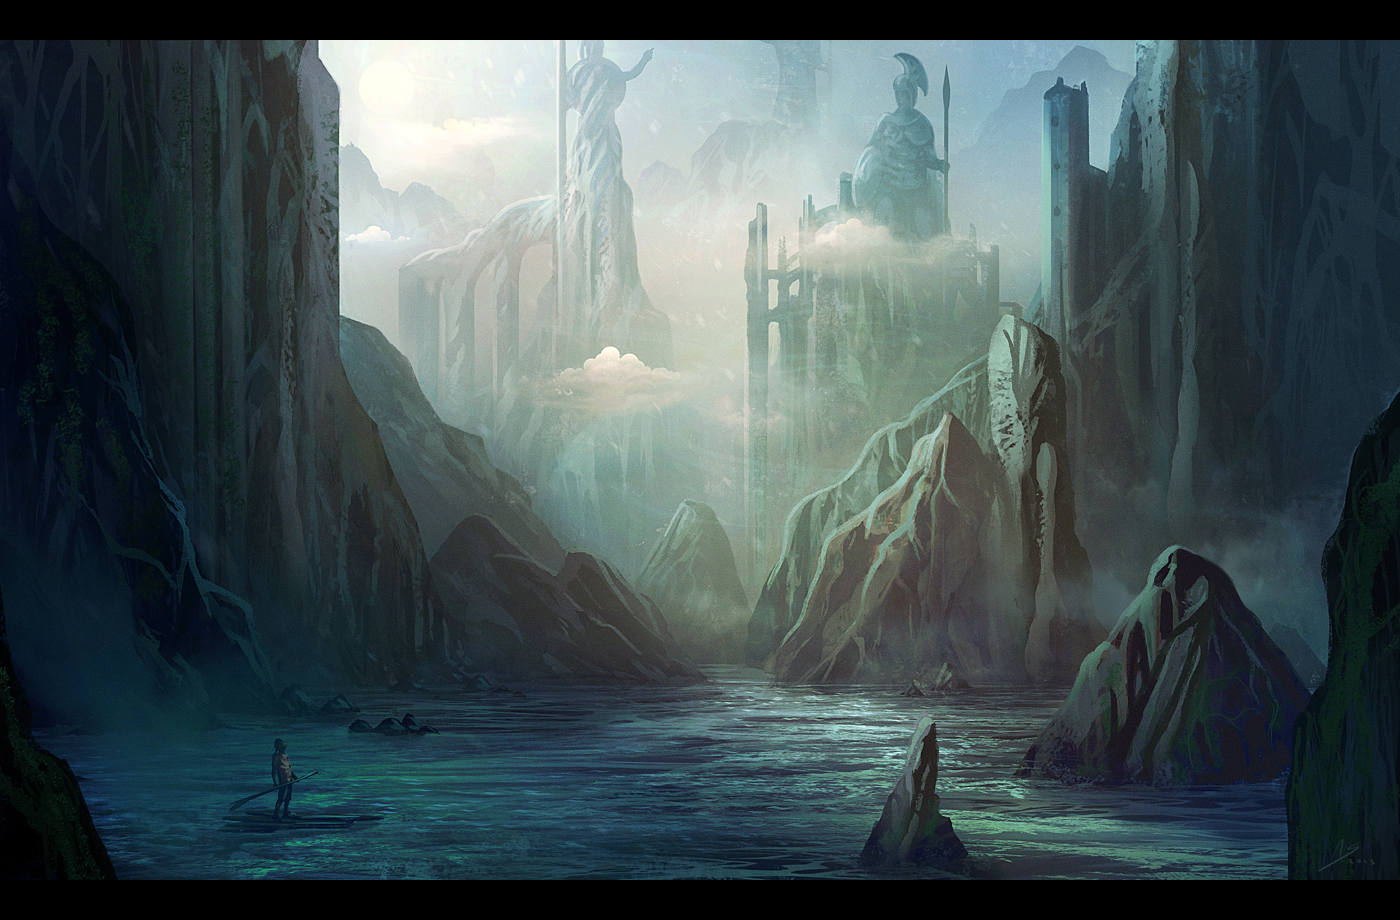 Adrift by nilTrace